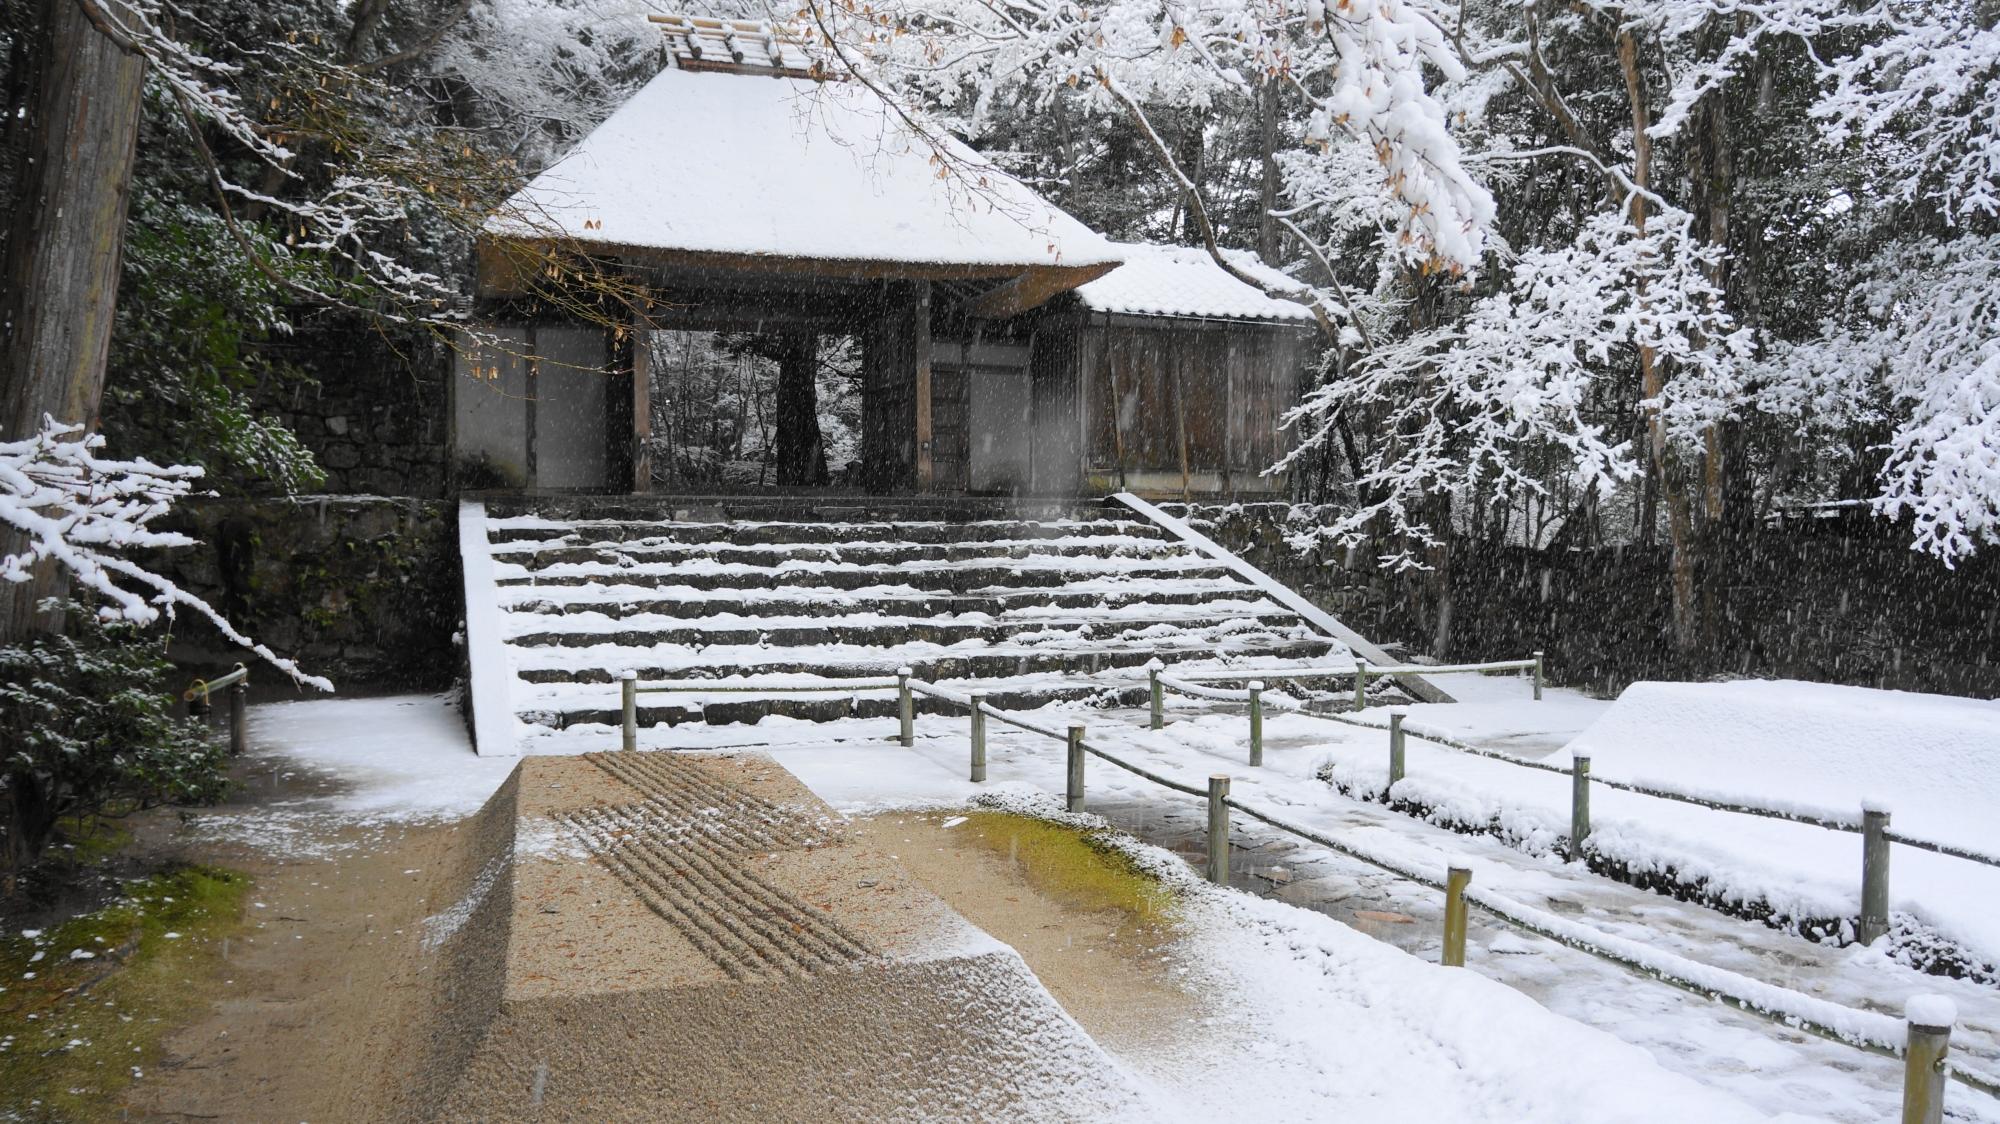 木陰になり雪が積もっていない白砂壇